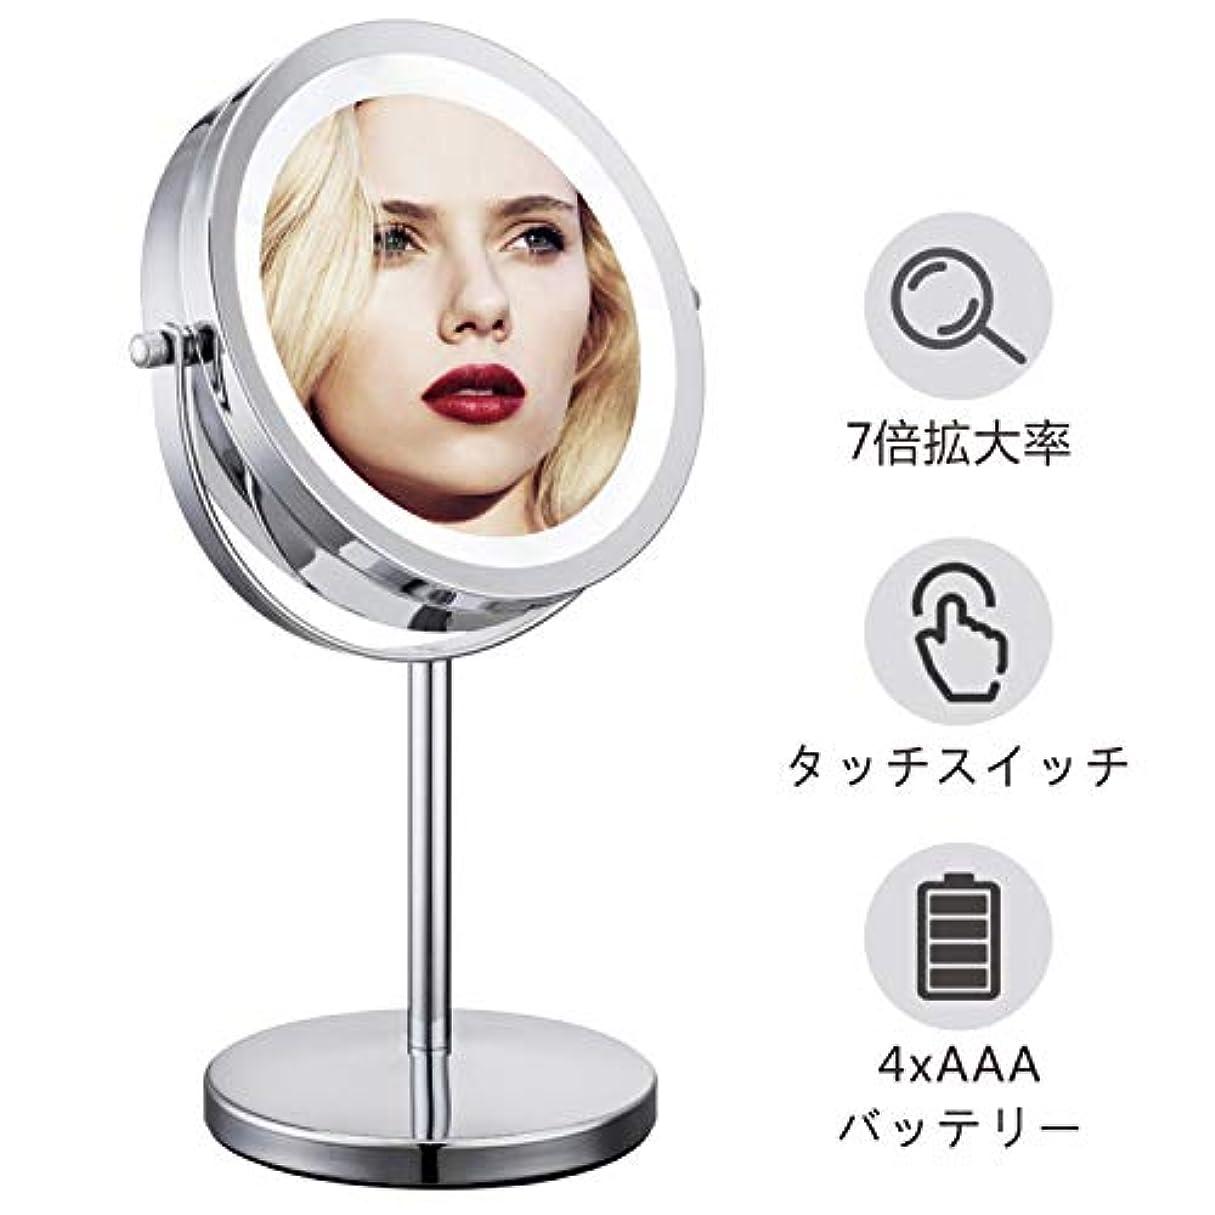 航空会社区別するクアッガMinracler 化粧鏡 7倍拡大 卓上 化粧ミラー led両面鏡 明るさ調節可能 360度回転 (鏡面155mmΦ) 電池給電